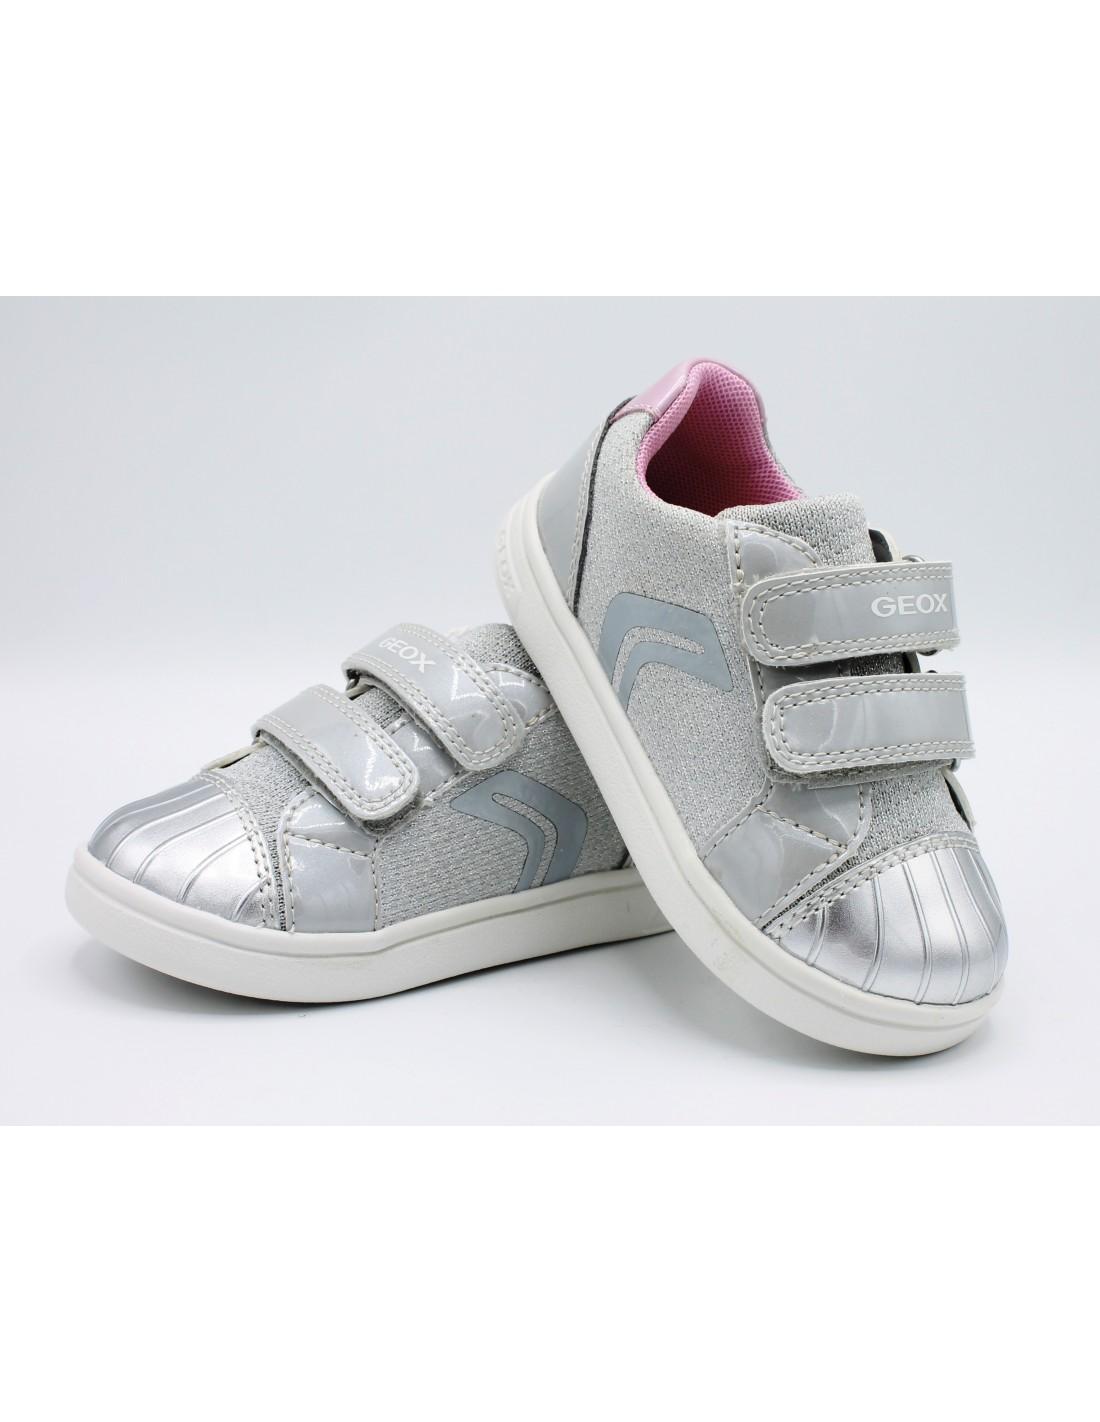 GEOX SCARPE PER Bambina Sneakers da Bimba in Tela Glitter Estive Ginnastica 26